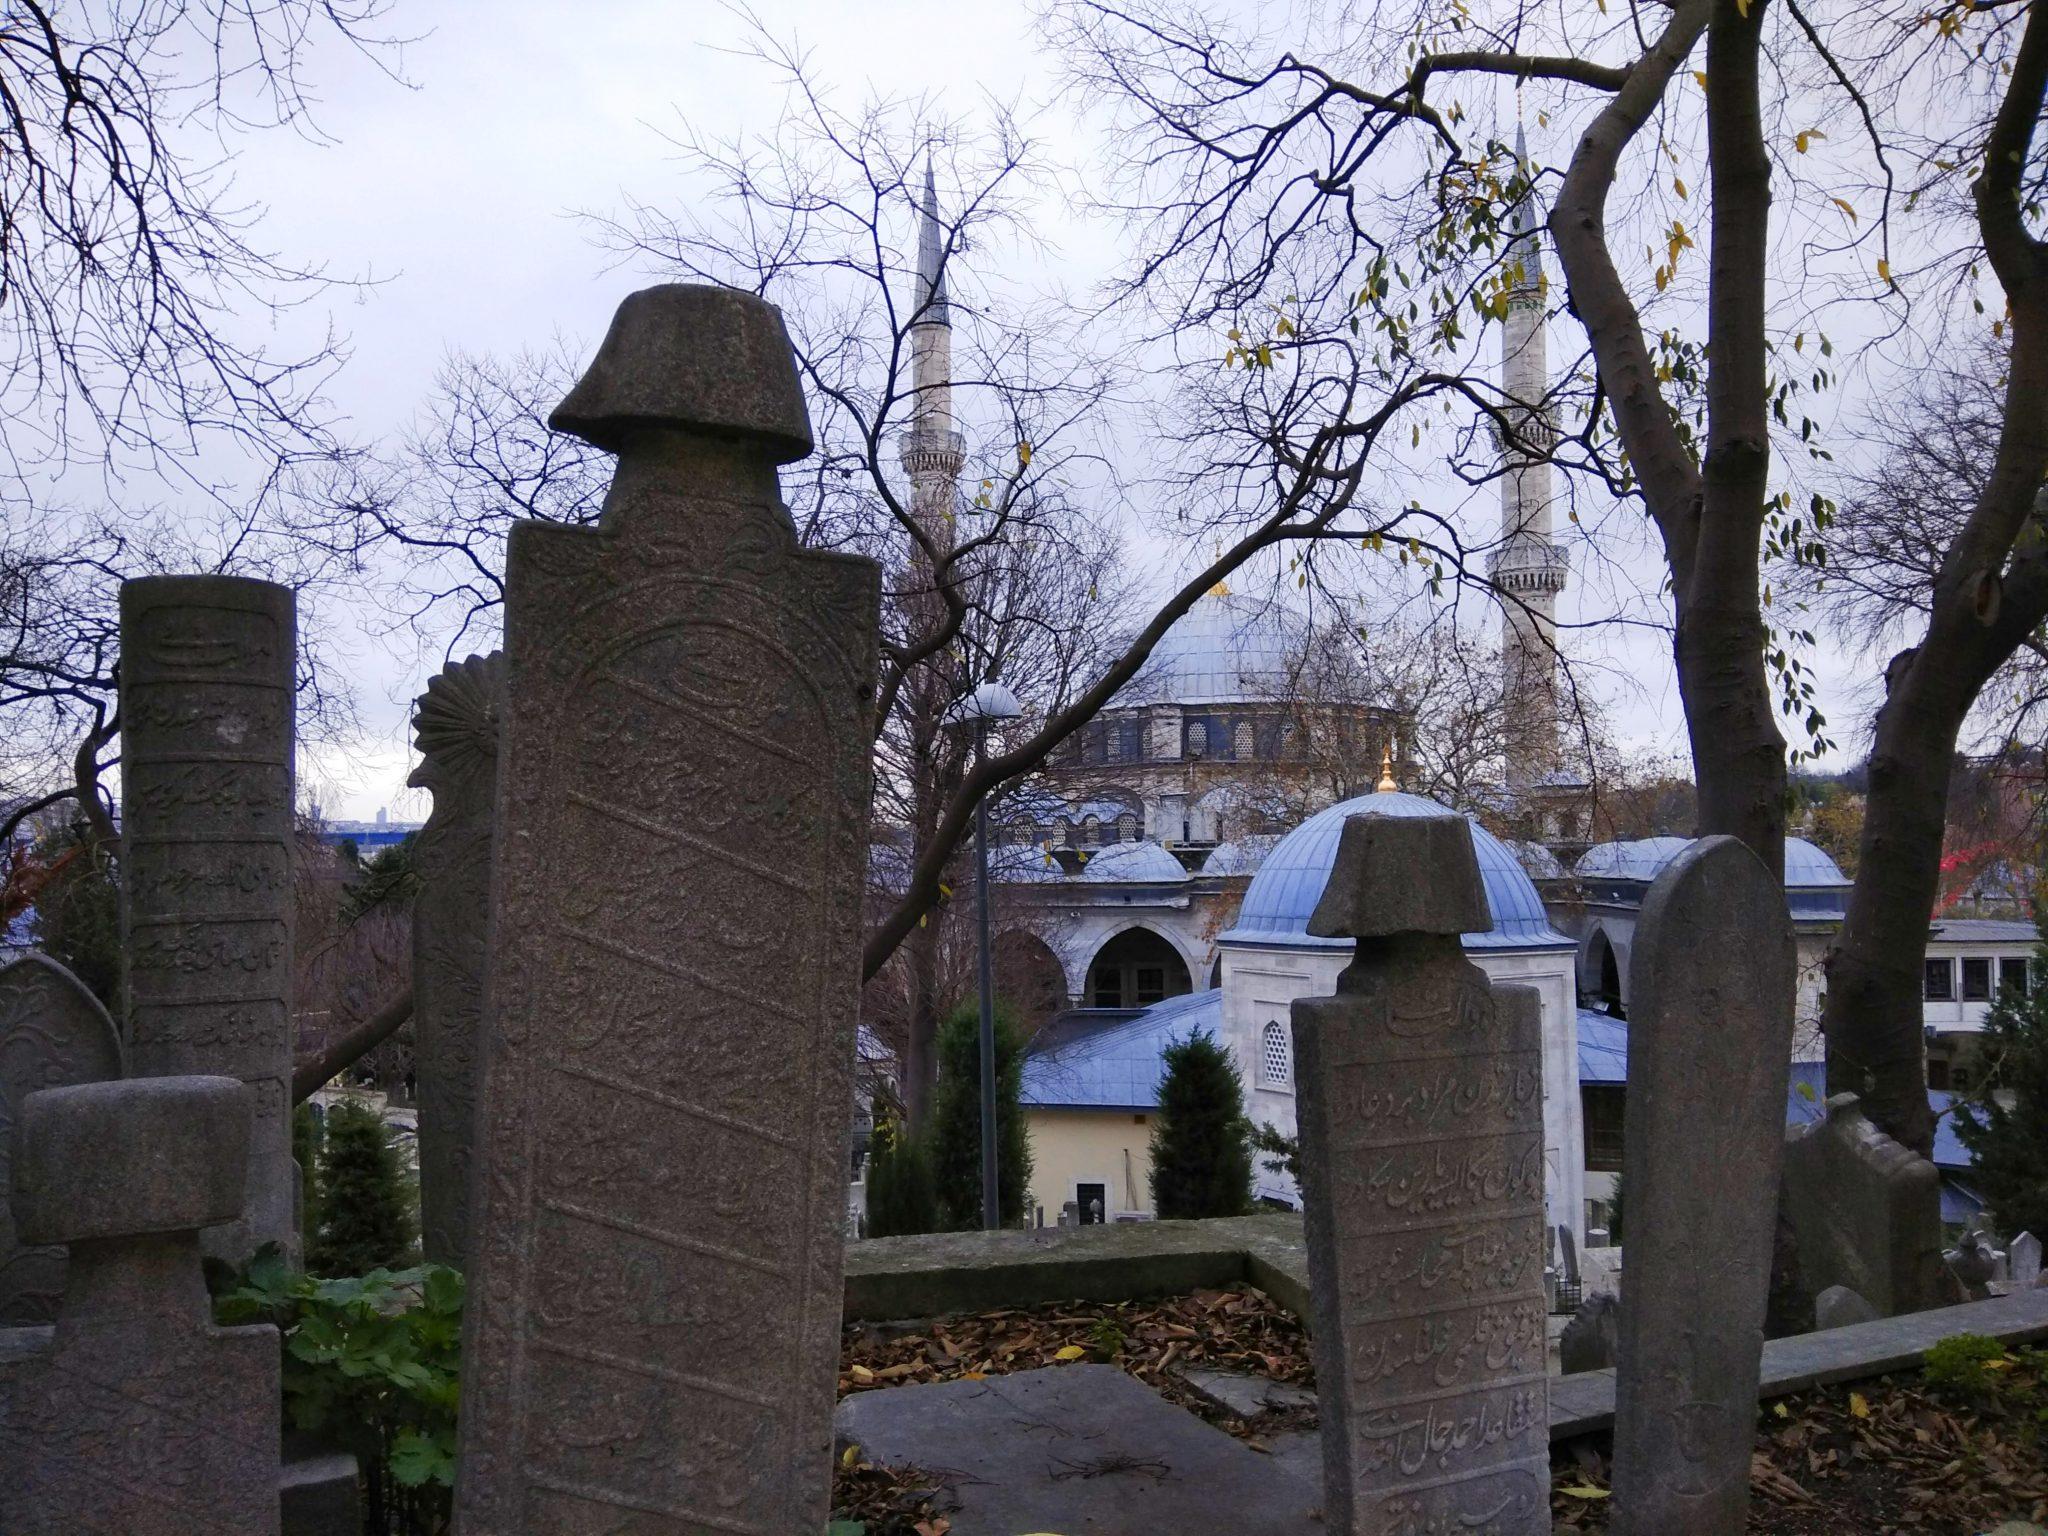 Imagen post Cuatro días en Estambul. Cementerio de Eyup - Pasaporte y Millas